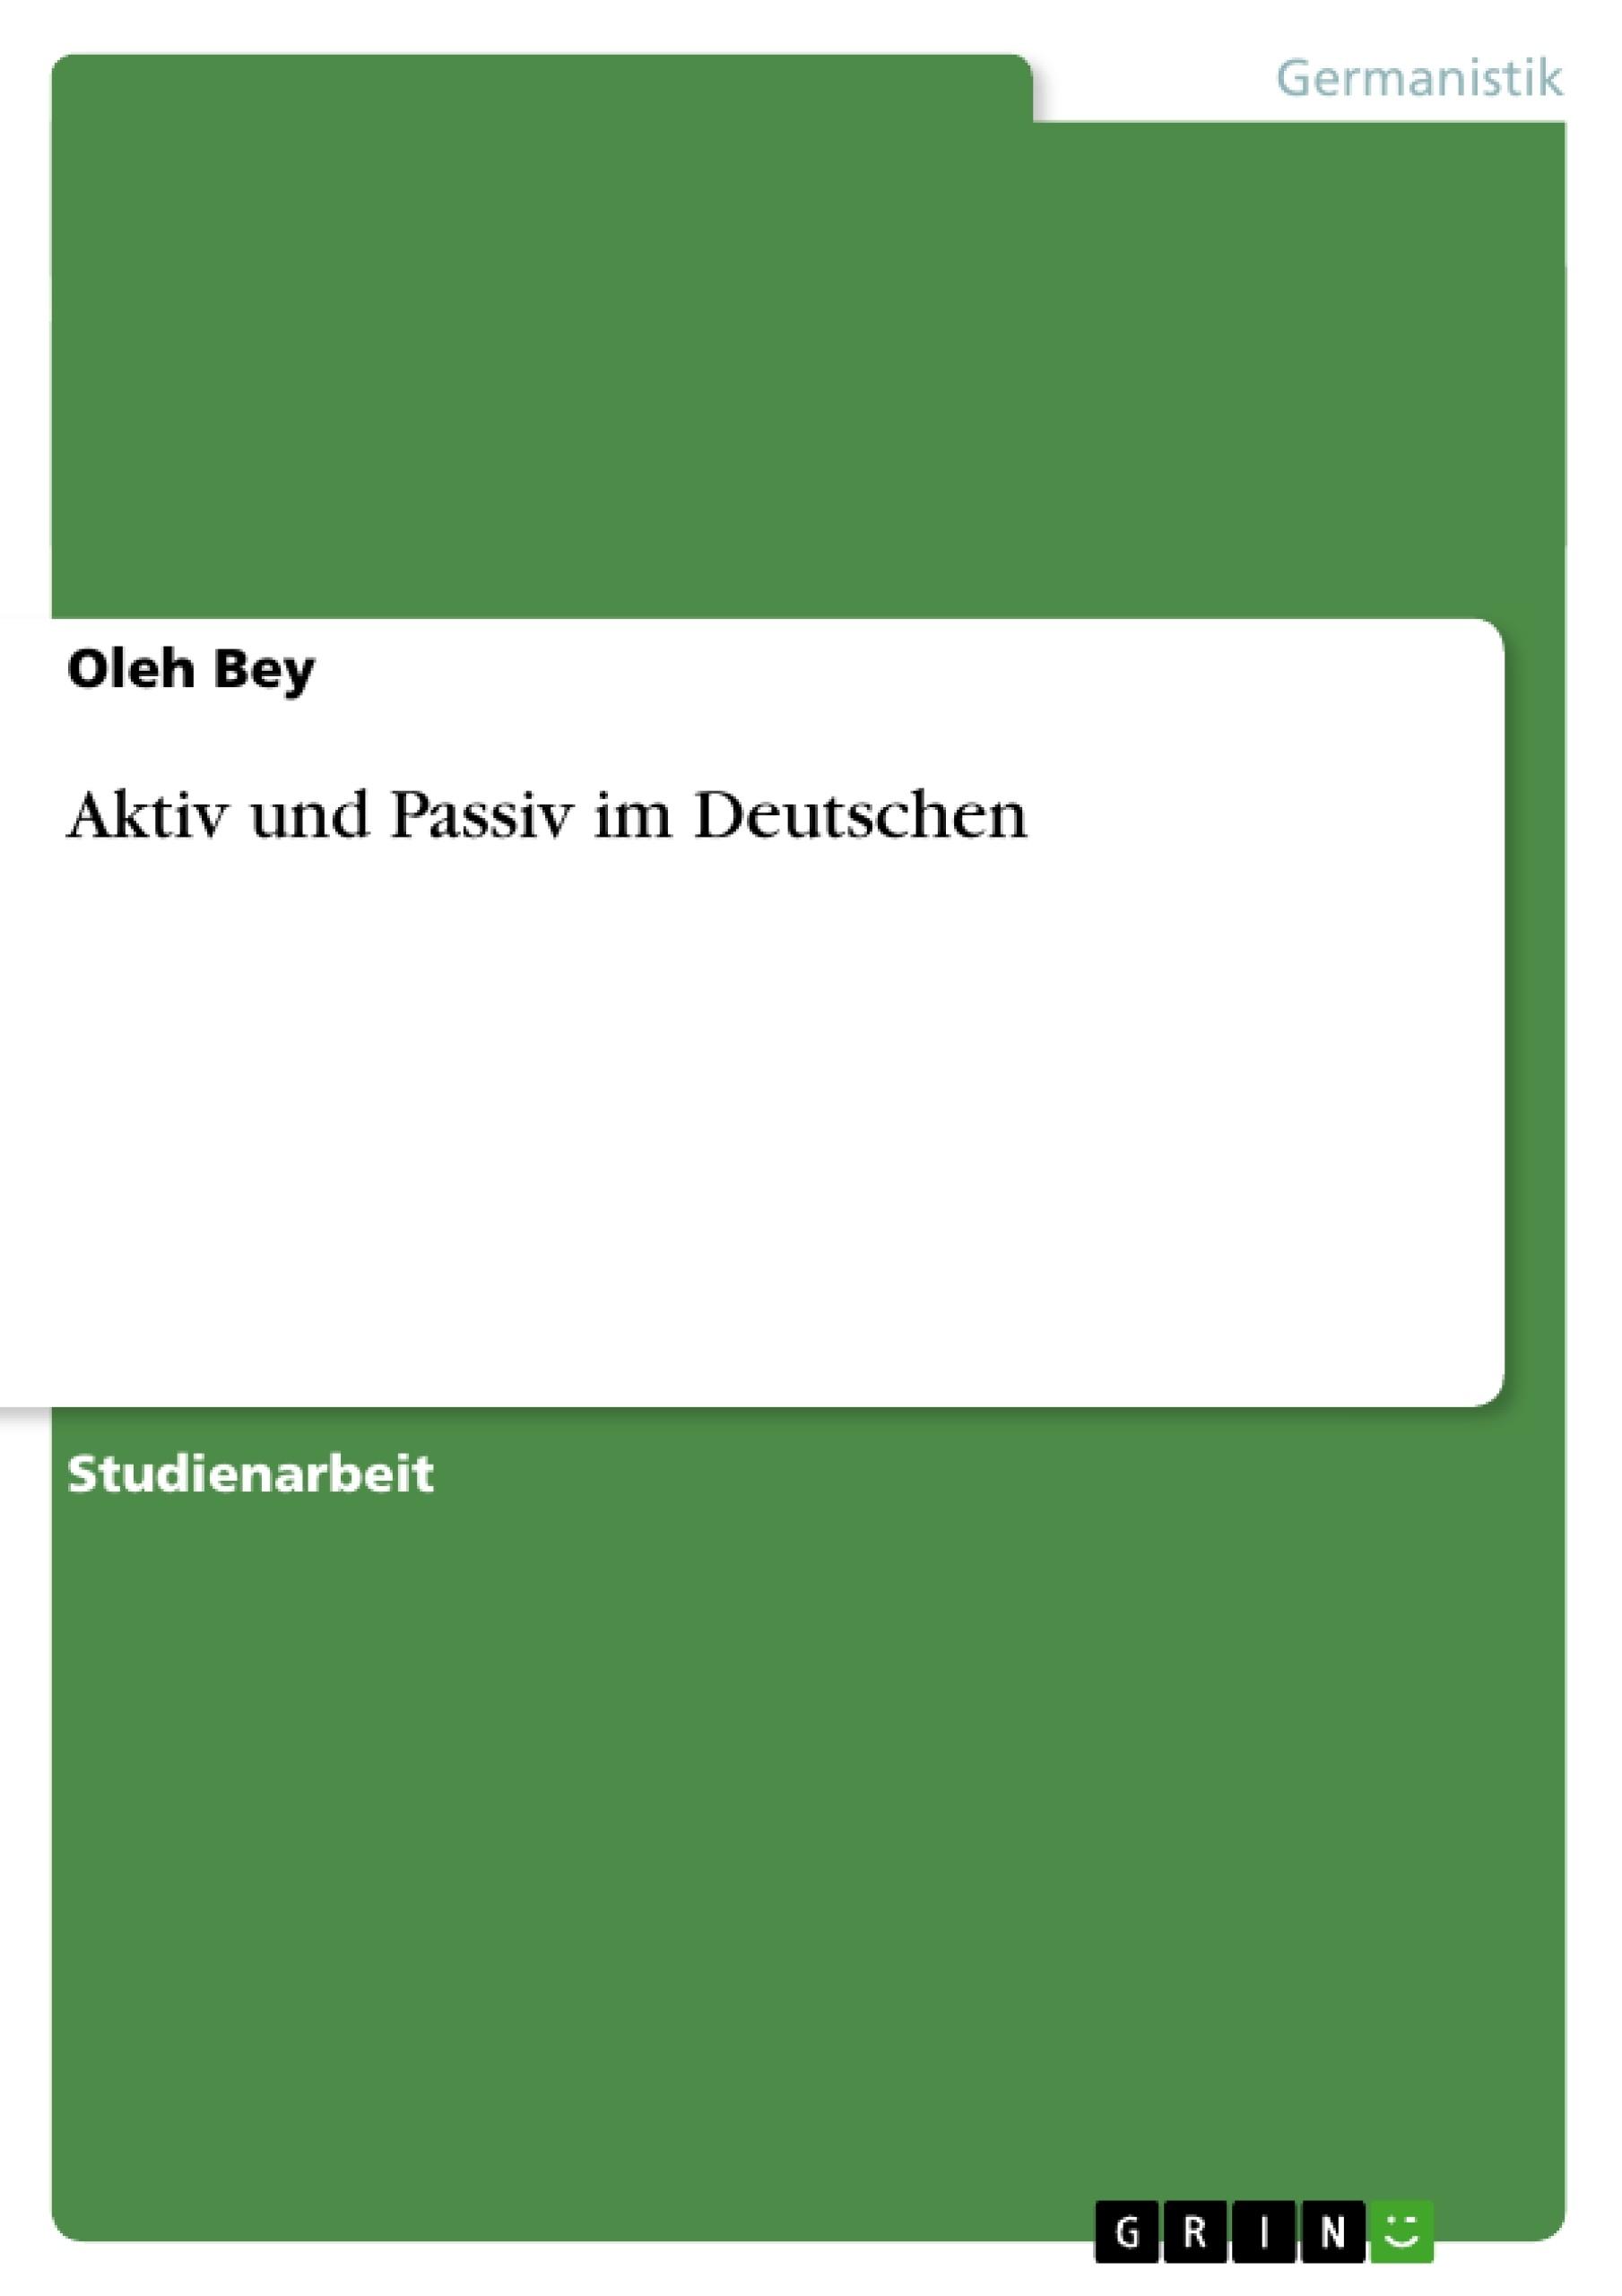 Titel: Aktiv und Passiv im Deutschen